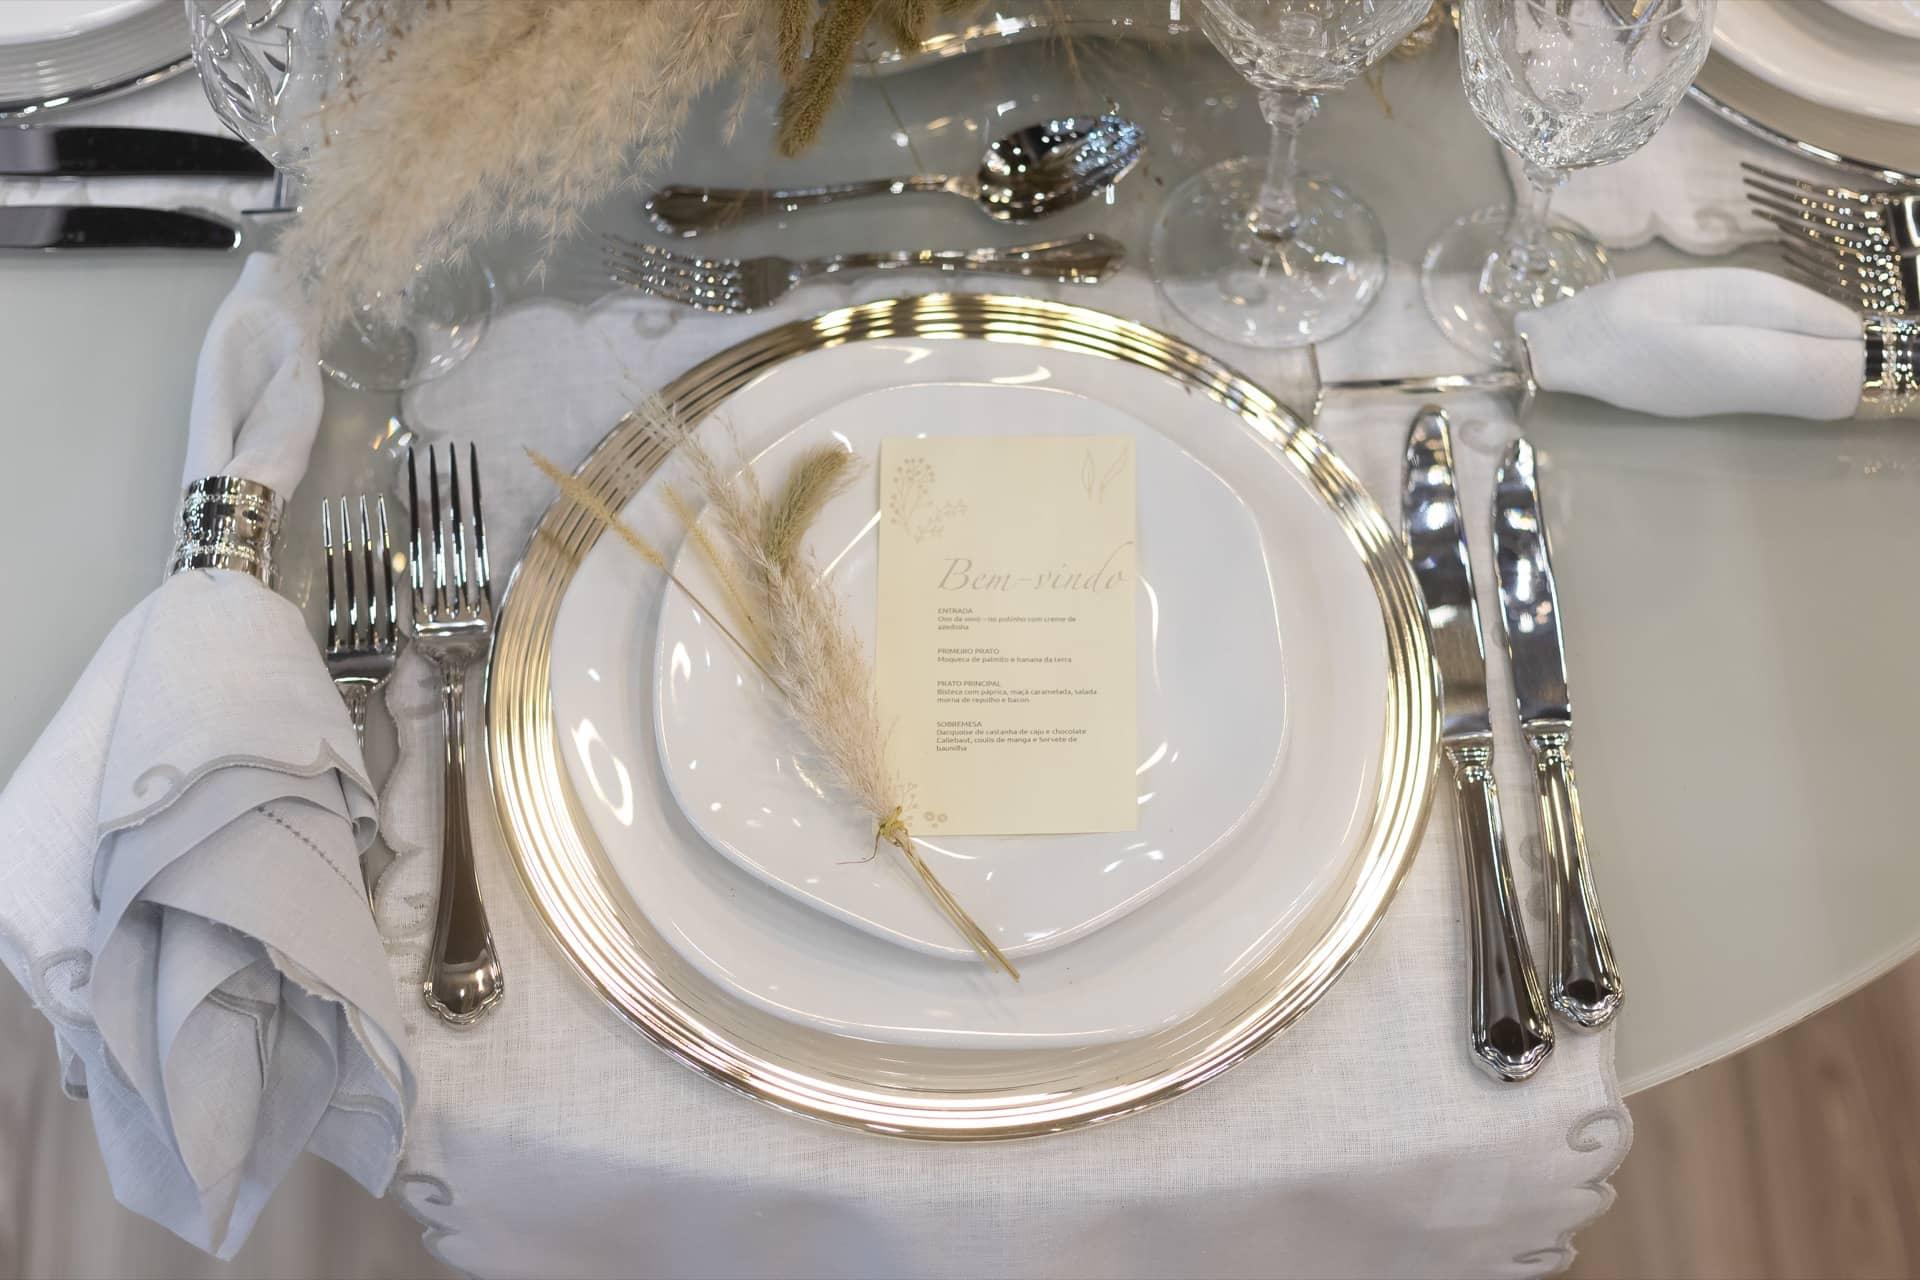 Imagem: Na mesa posta para um jantar elegante, pratos da linha Ryo White, da Oxford Porcelanas, fazem parceria com sousplats, argolas de guardanapo e talheres de prata da St. James. Foto: Carolina Prieto.